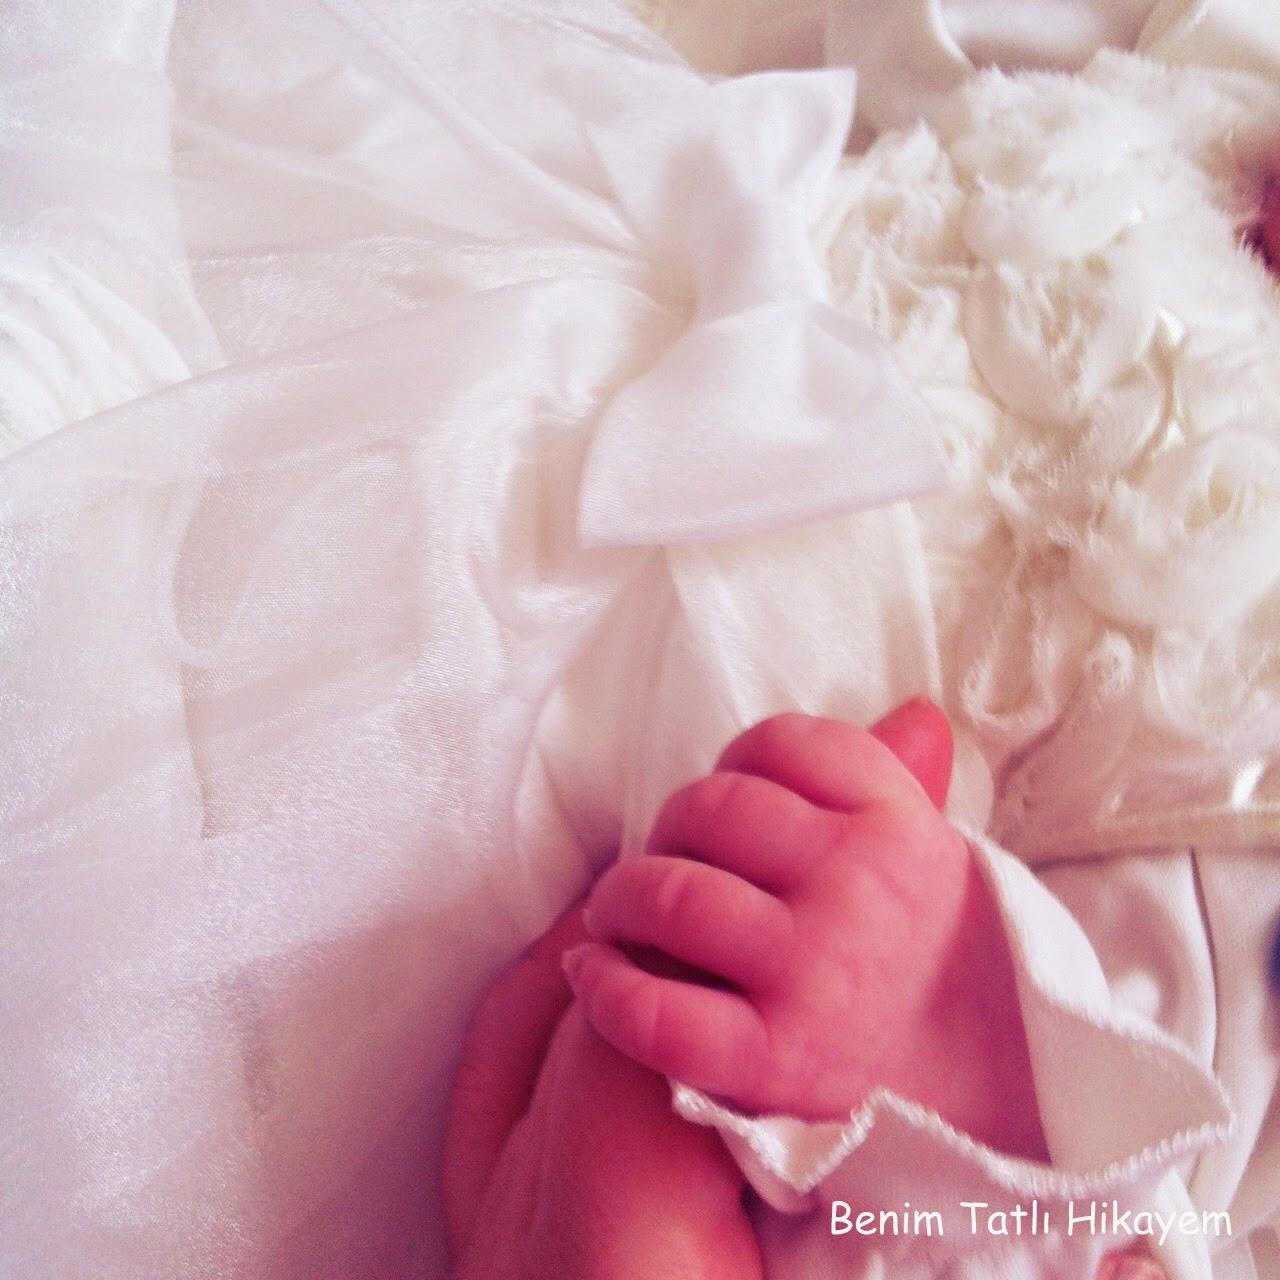 doğum sonrası bebek fotoğrafı